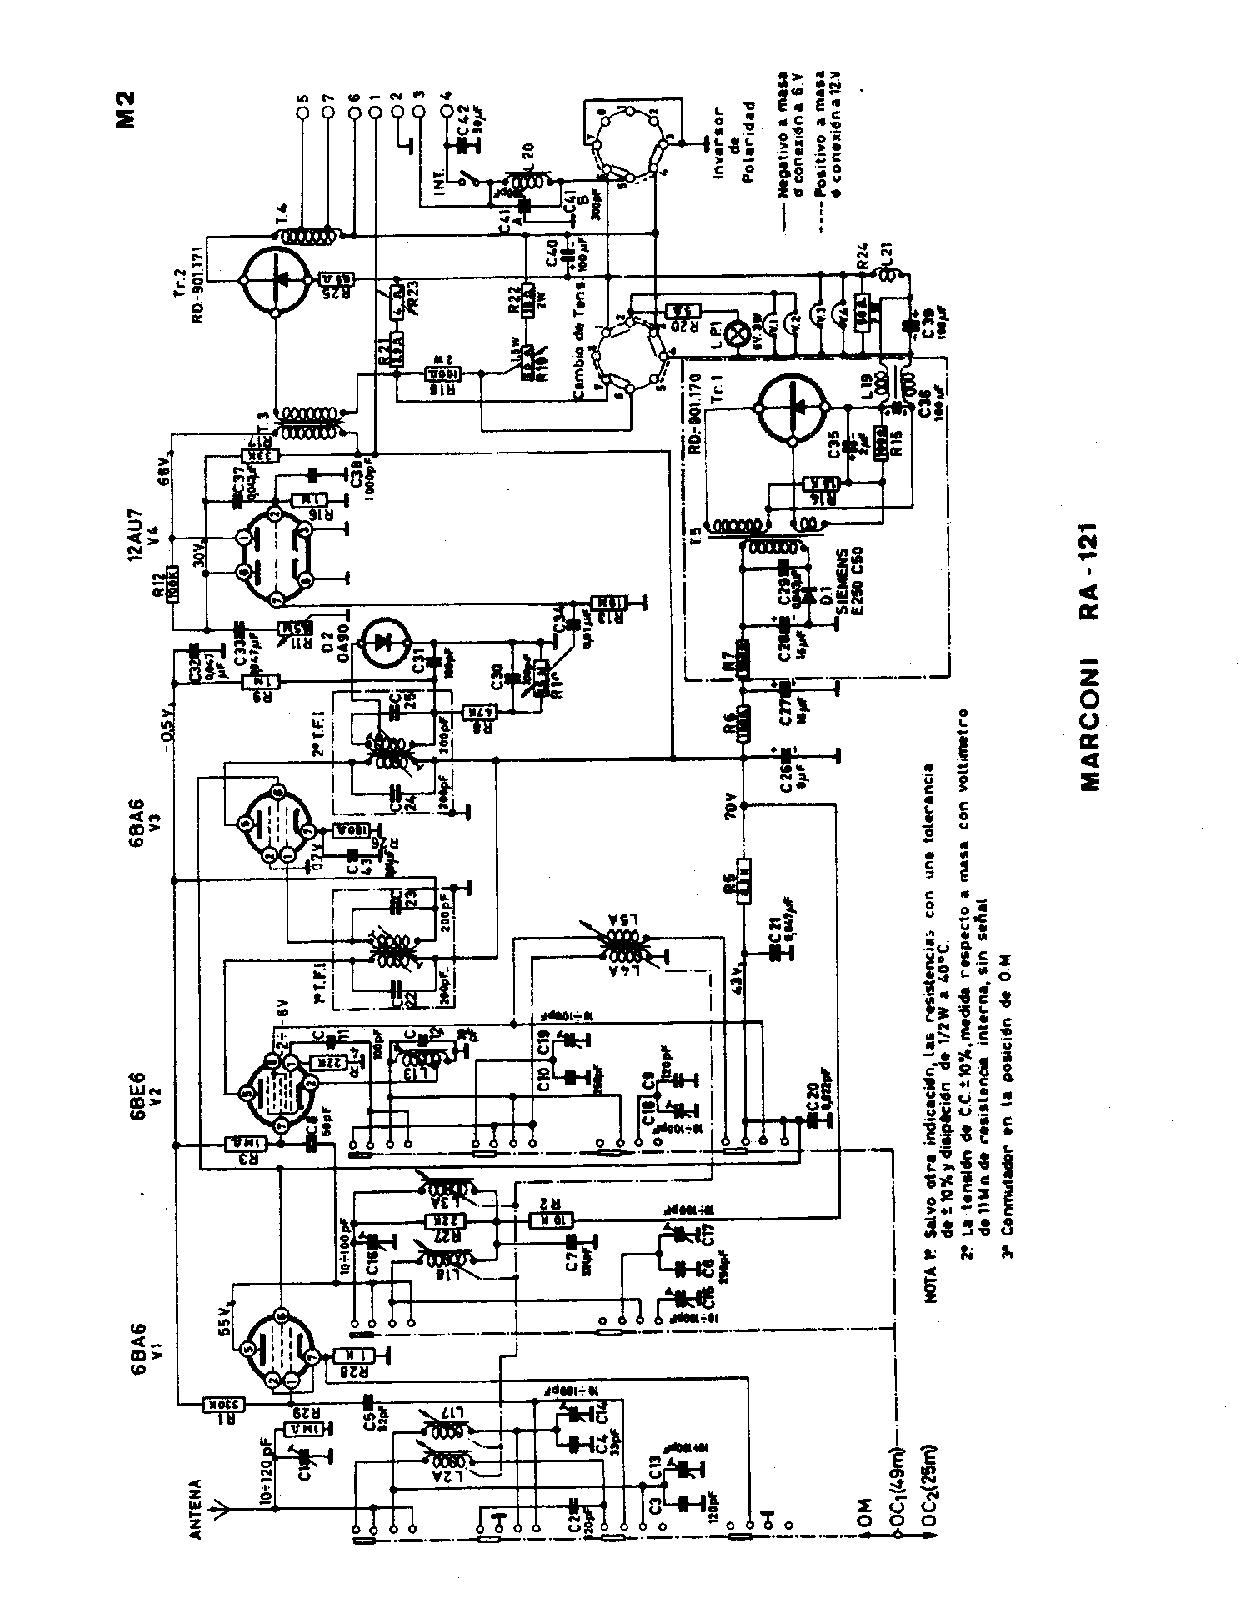 circuitos parte tres   radios antiguas a valvulas